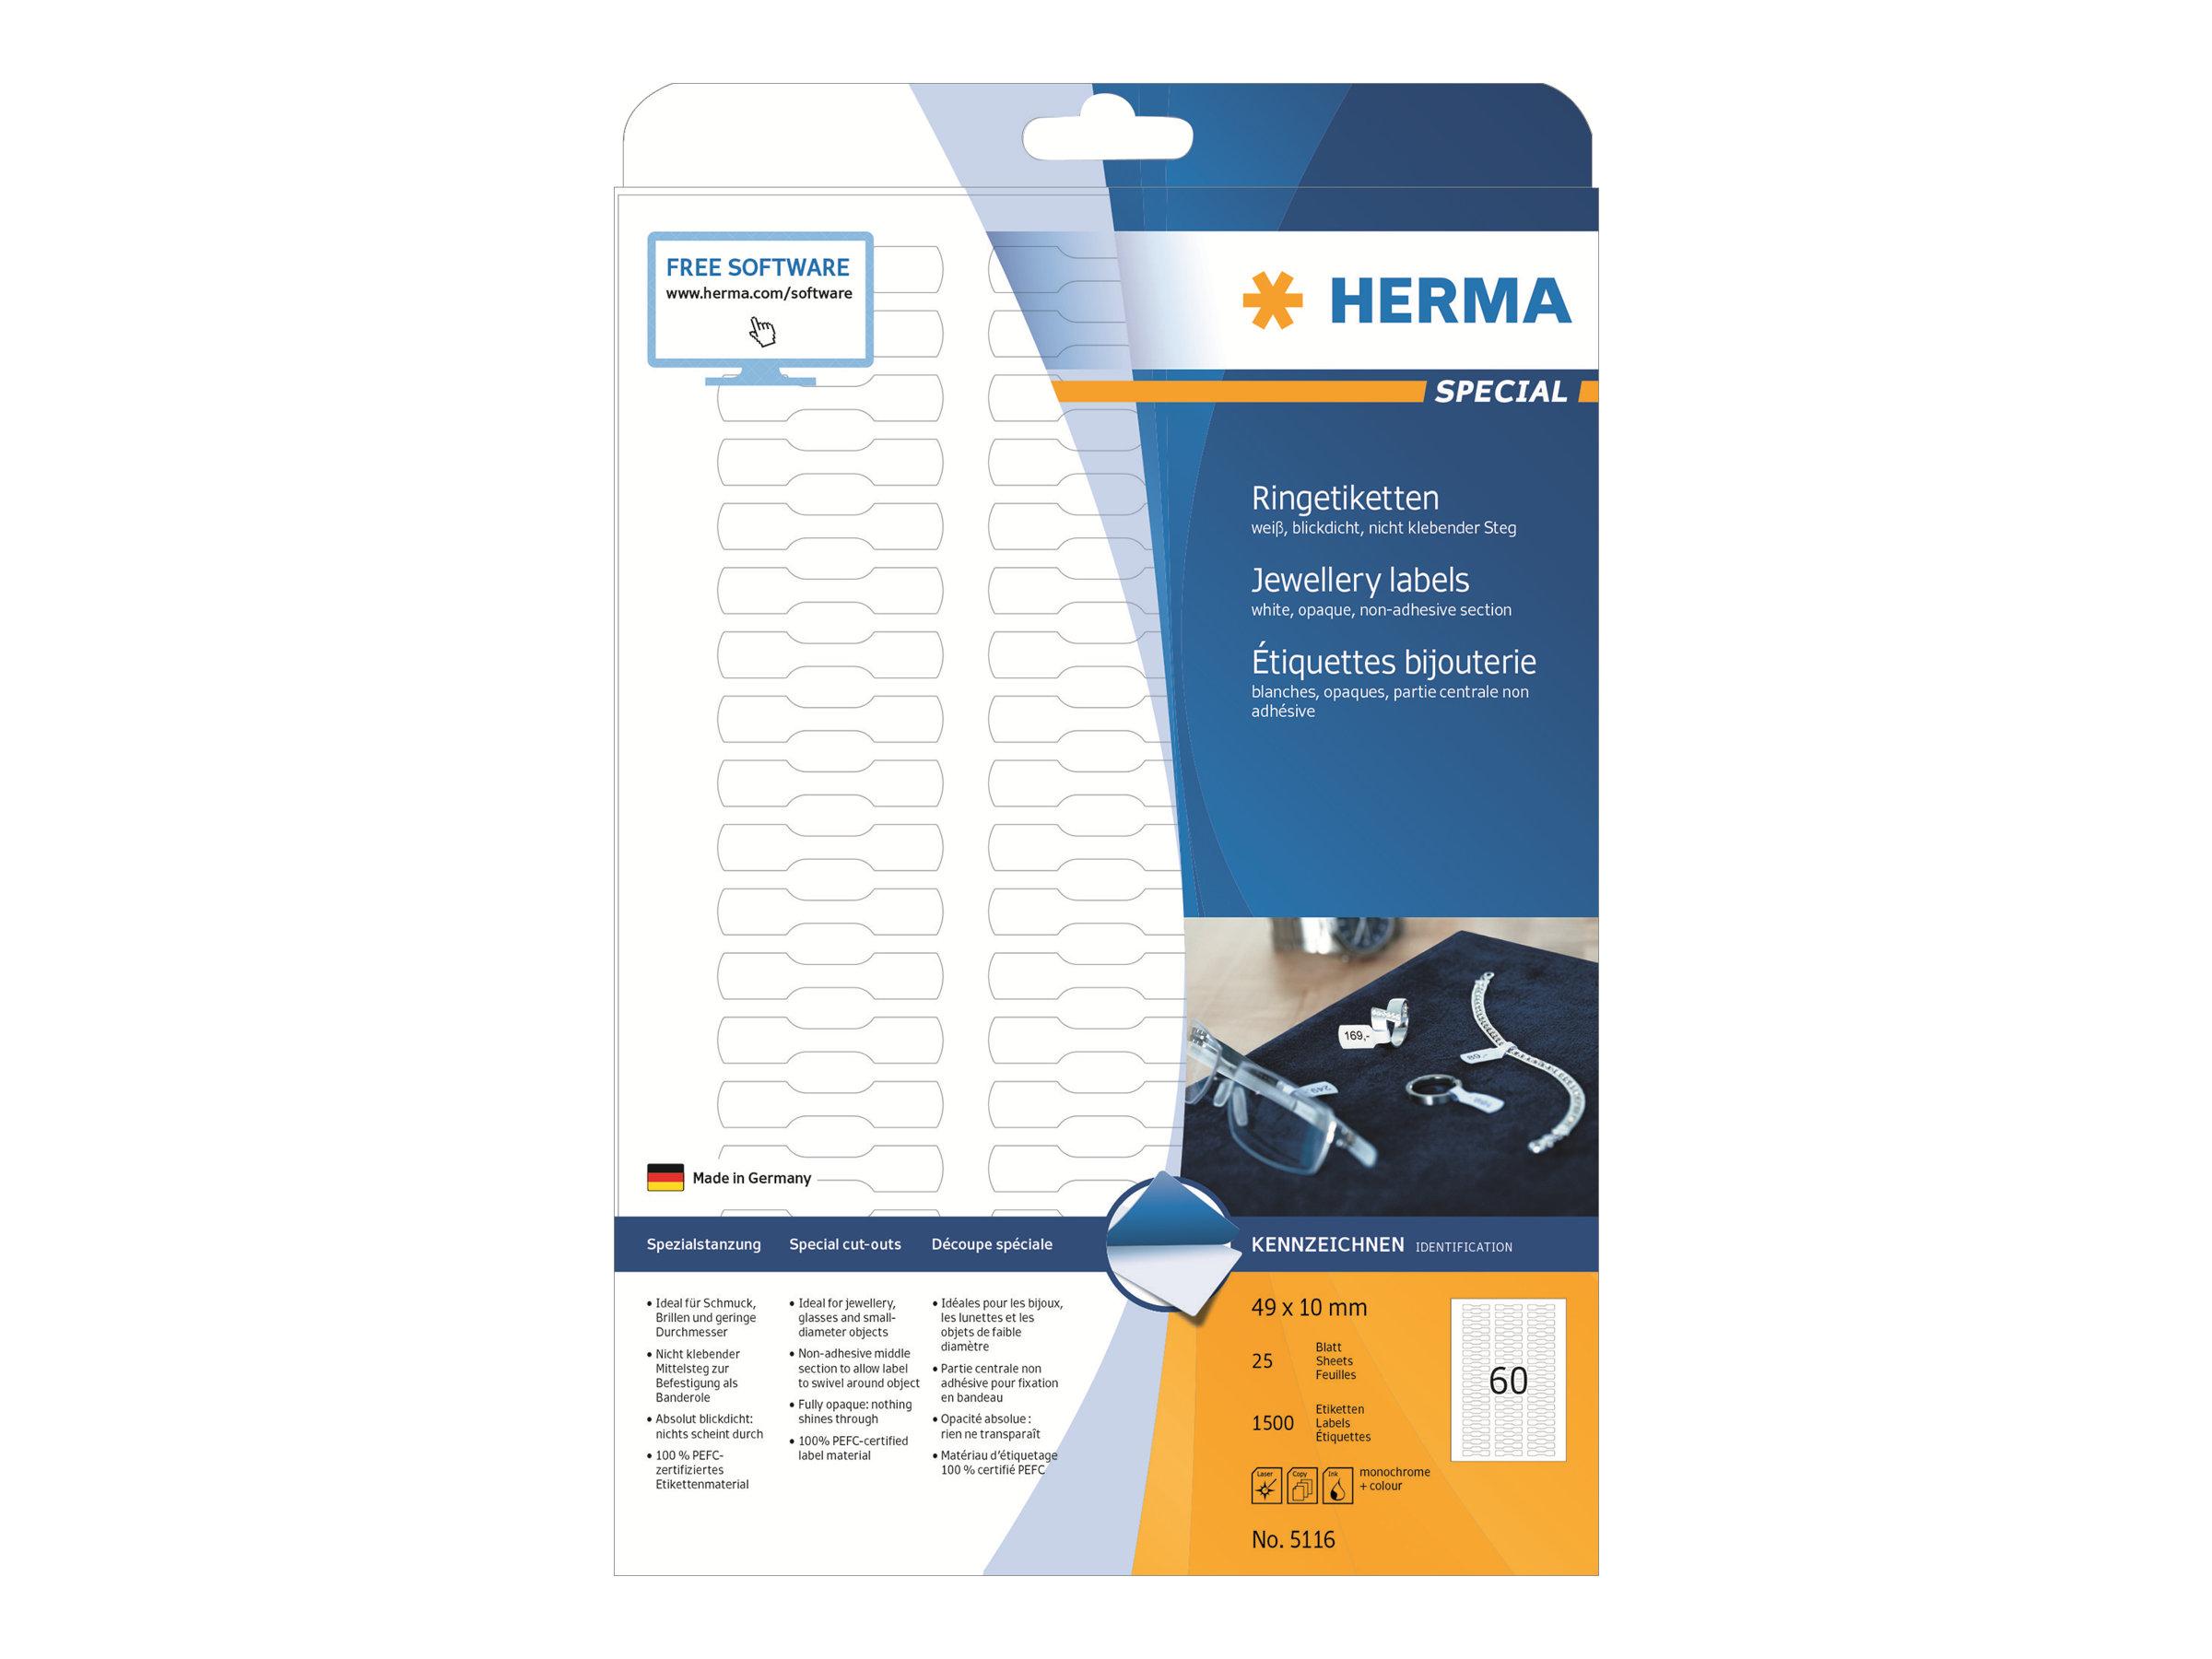 HERMA Special - Weiß - 49 x 10 mm 1500 Etikett(en) (25 Bogen x 60) permanent selbstklebende, matte, lichtundurchlässige Schmucketiketten aus Papier